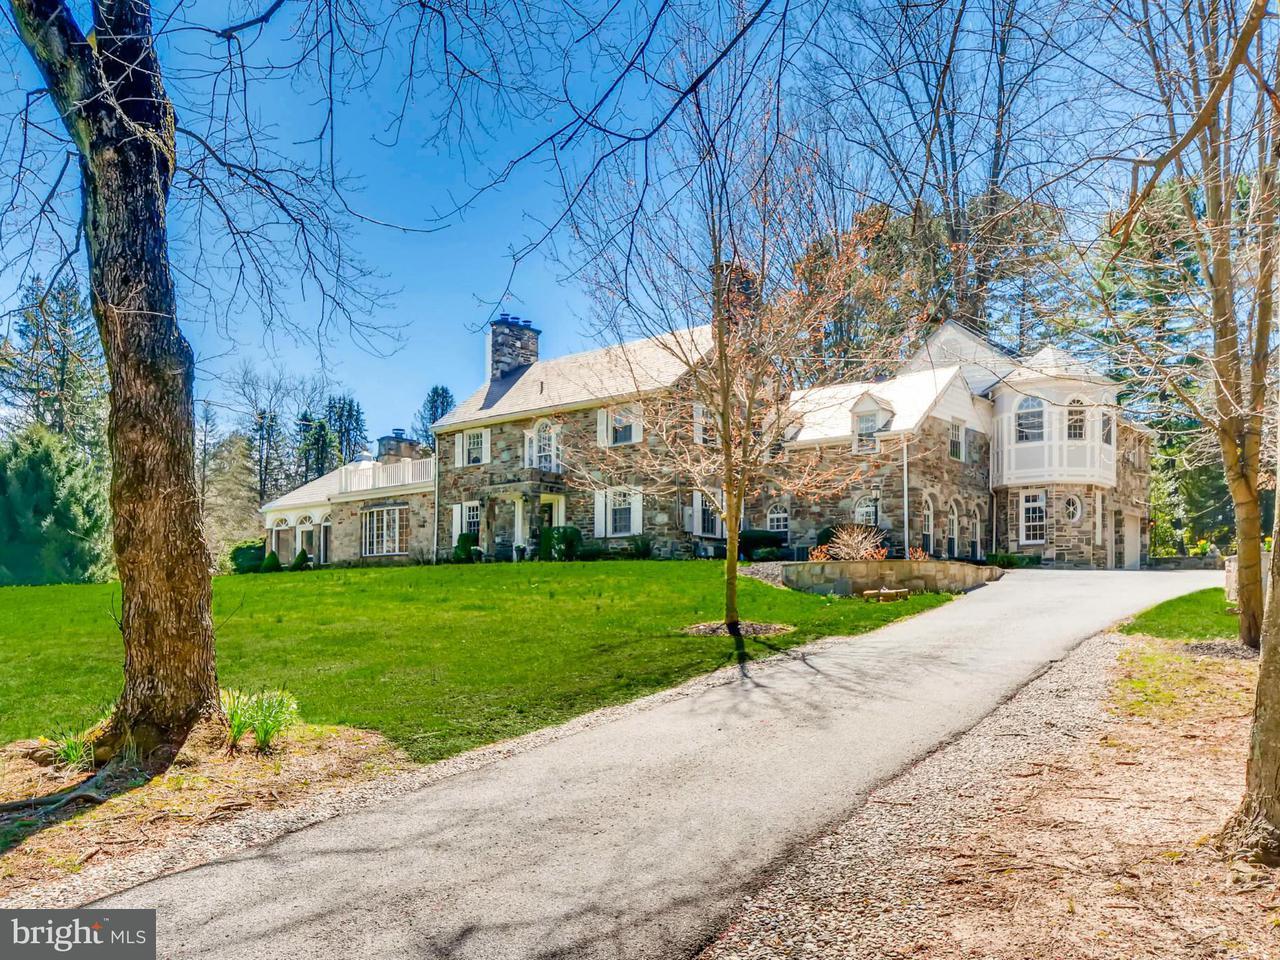 一戸建て のために 売買 アット 501 Seminary Avenue 501 Seminary Avenue Towson, メリーランド 21286 アメリカ合衆国